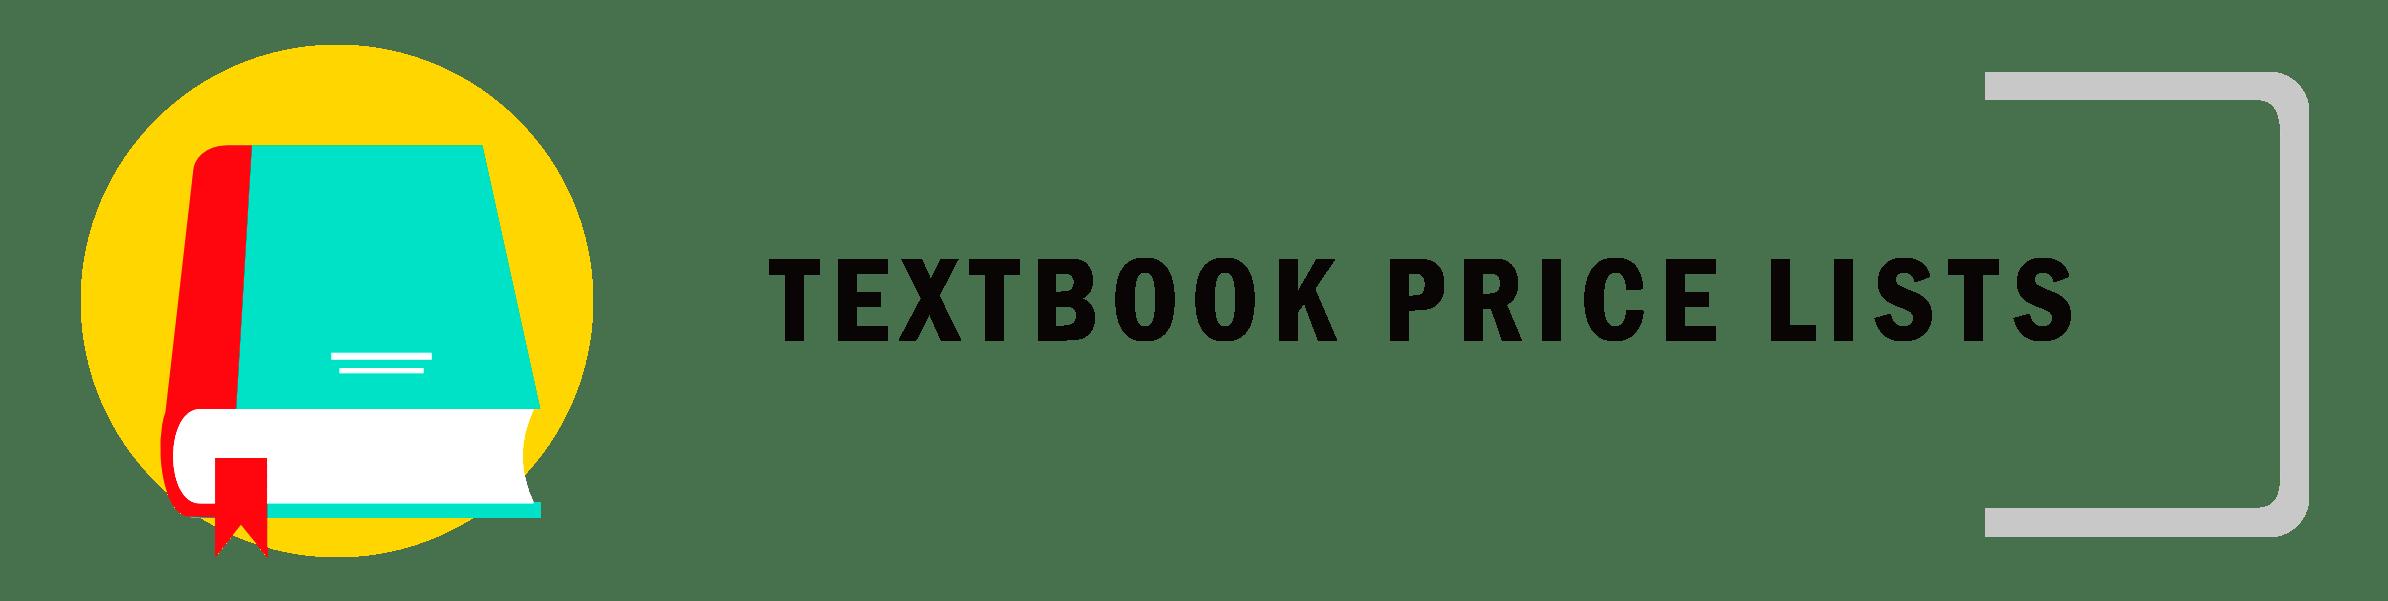 ICO_Textbook_PriceLists